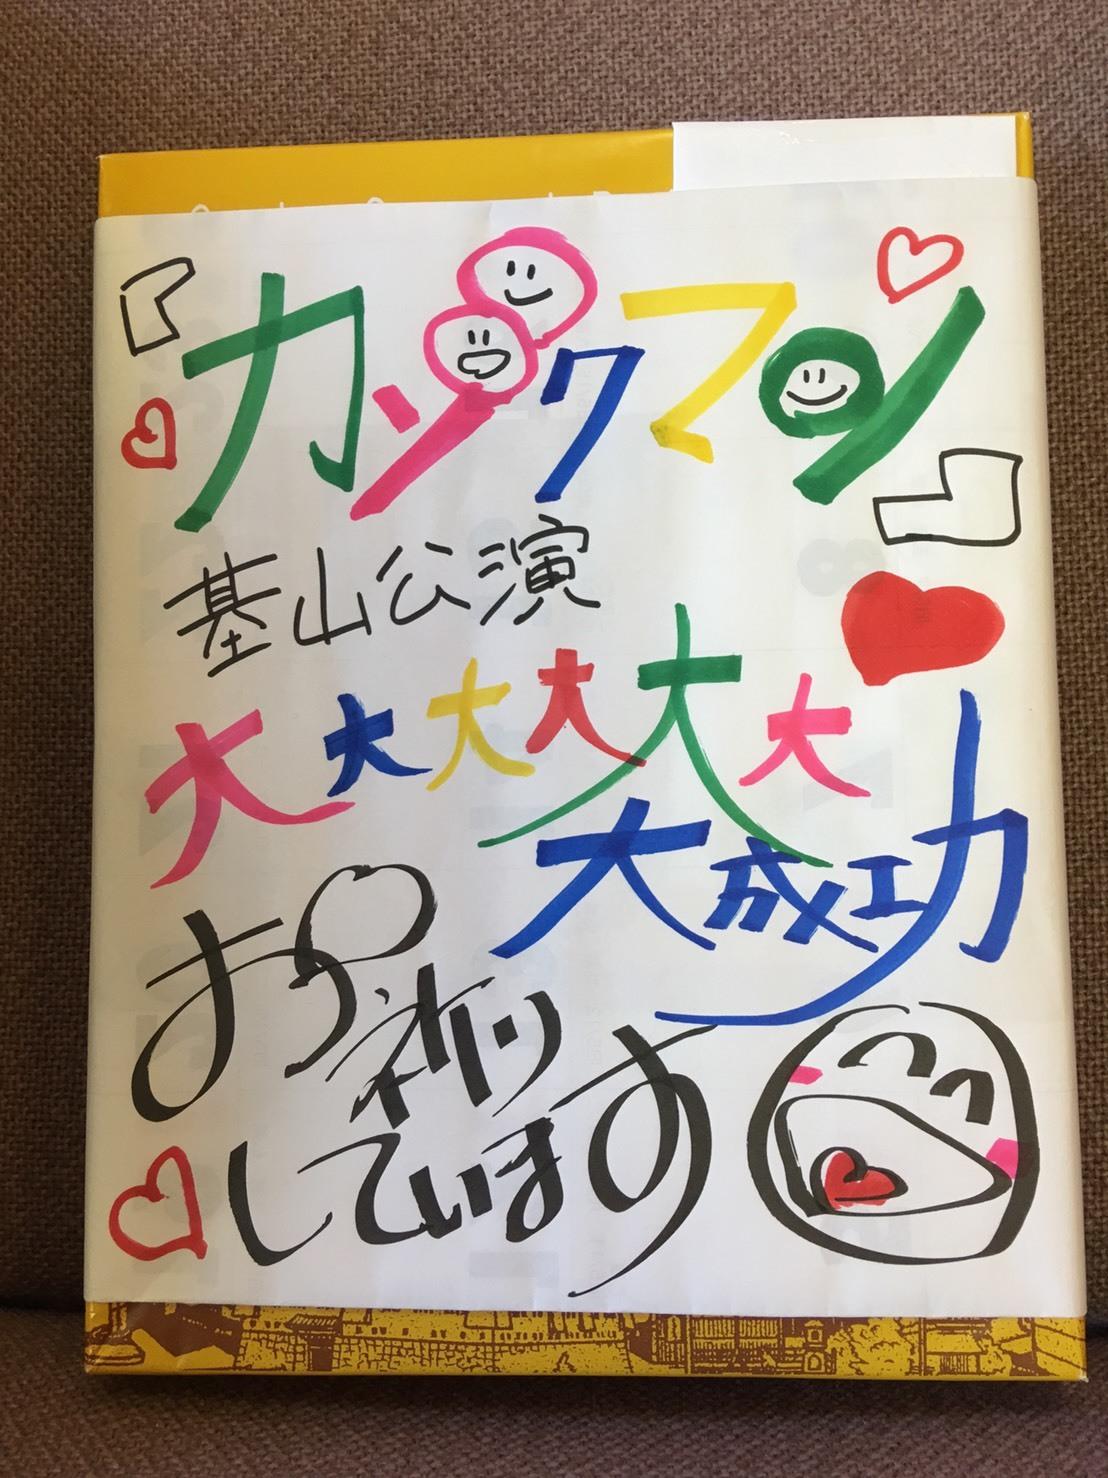 カゾクマン【基山公演】_a0163623_23204806.jpg